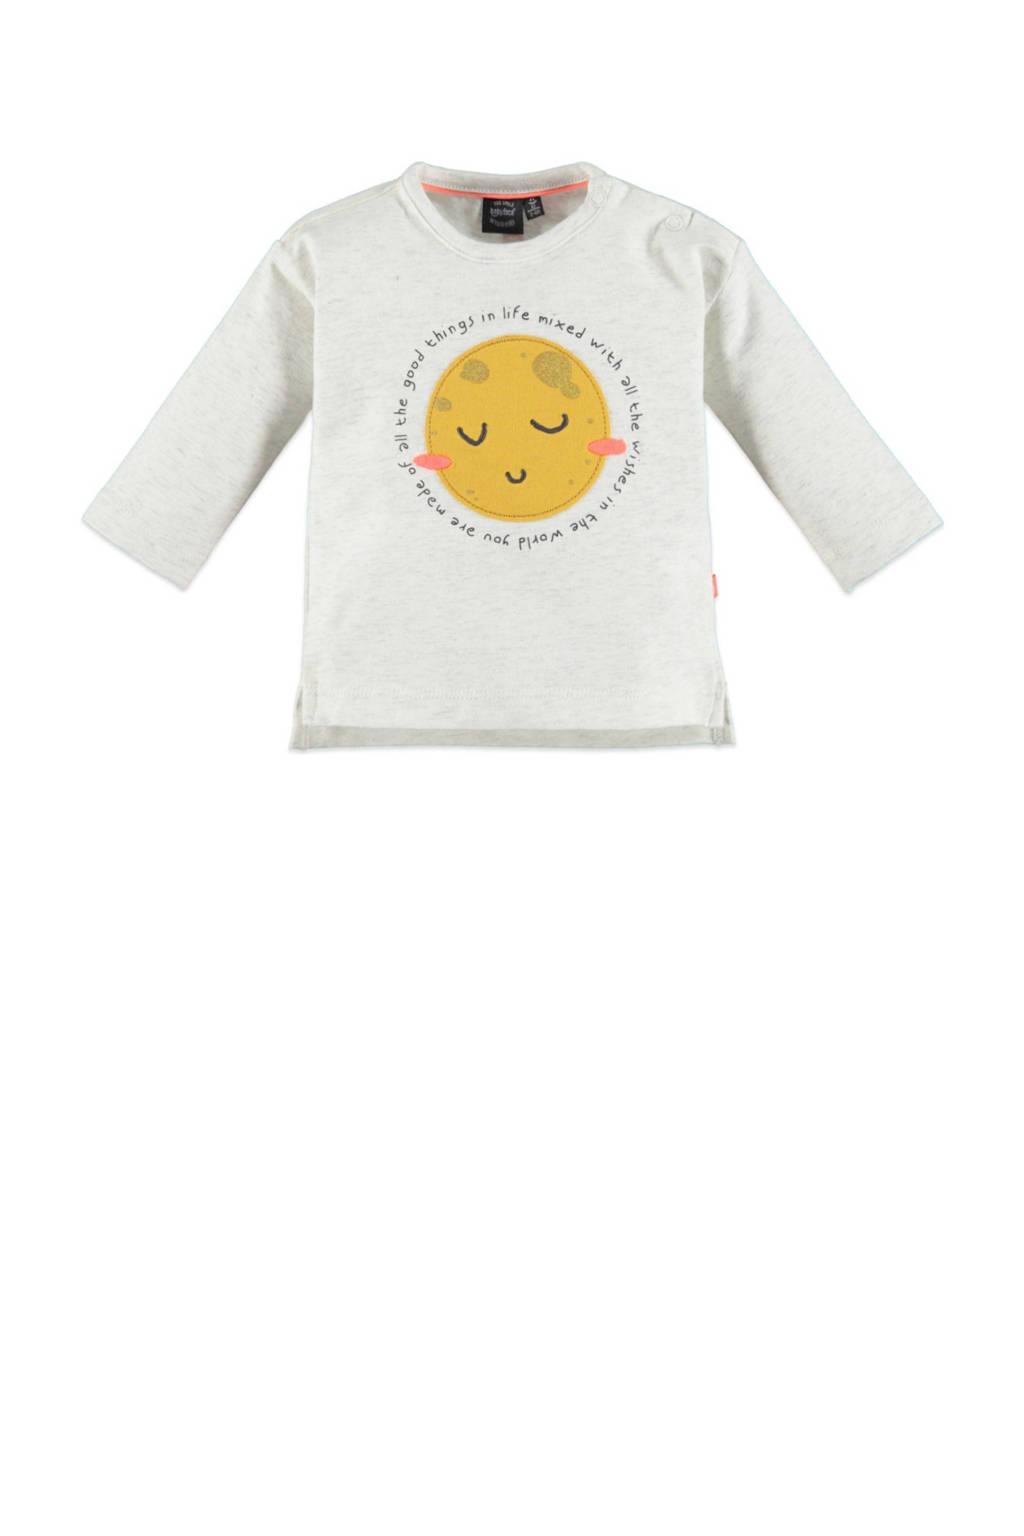 Babyface baby longsleeve met biologisch katoen ecru/geel, Ecru/geel